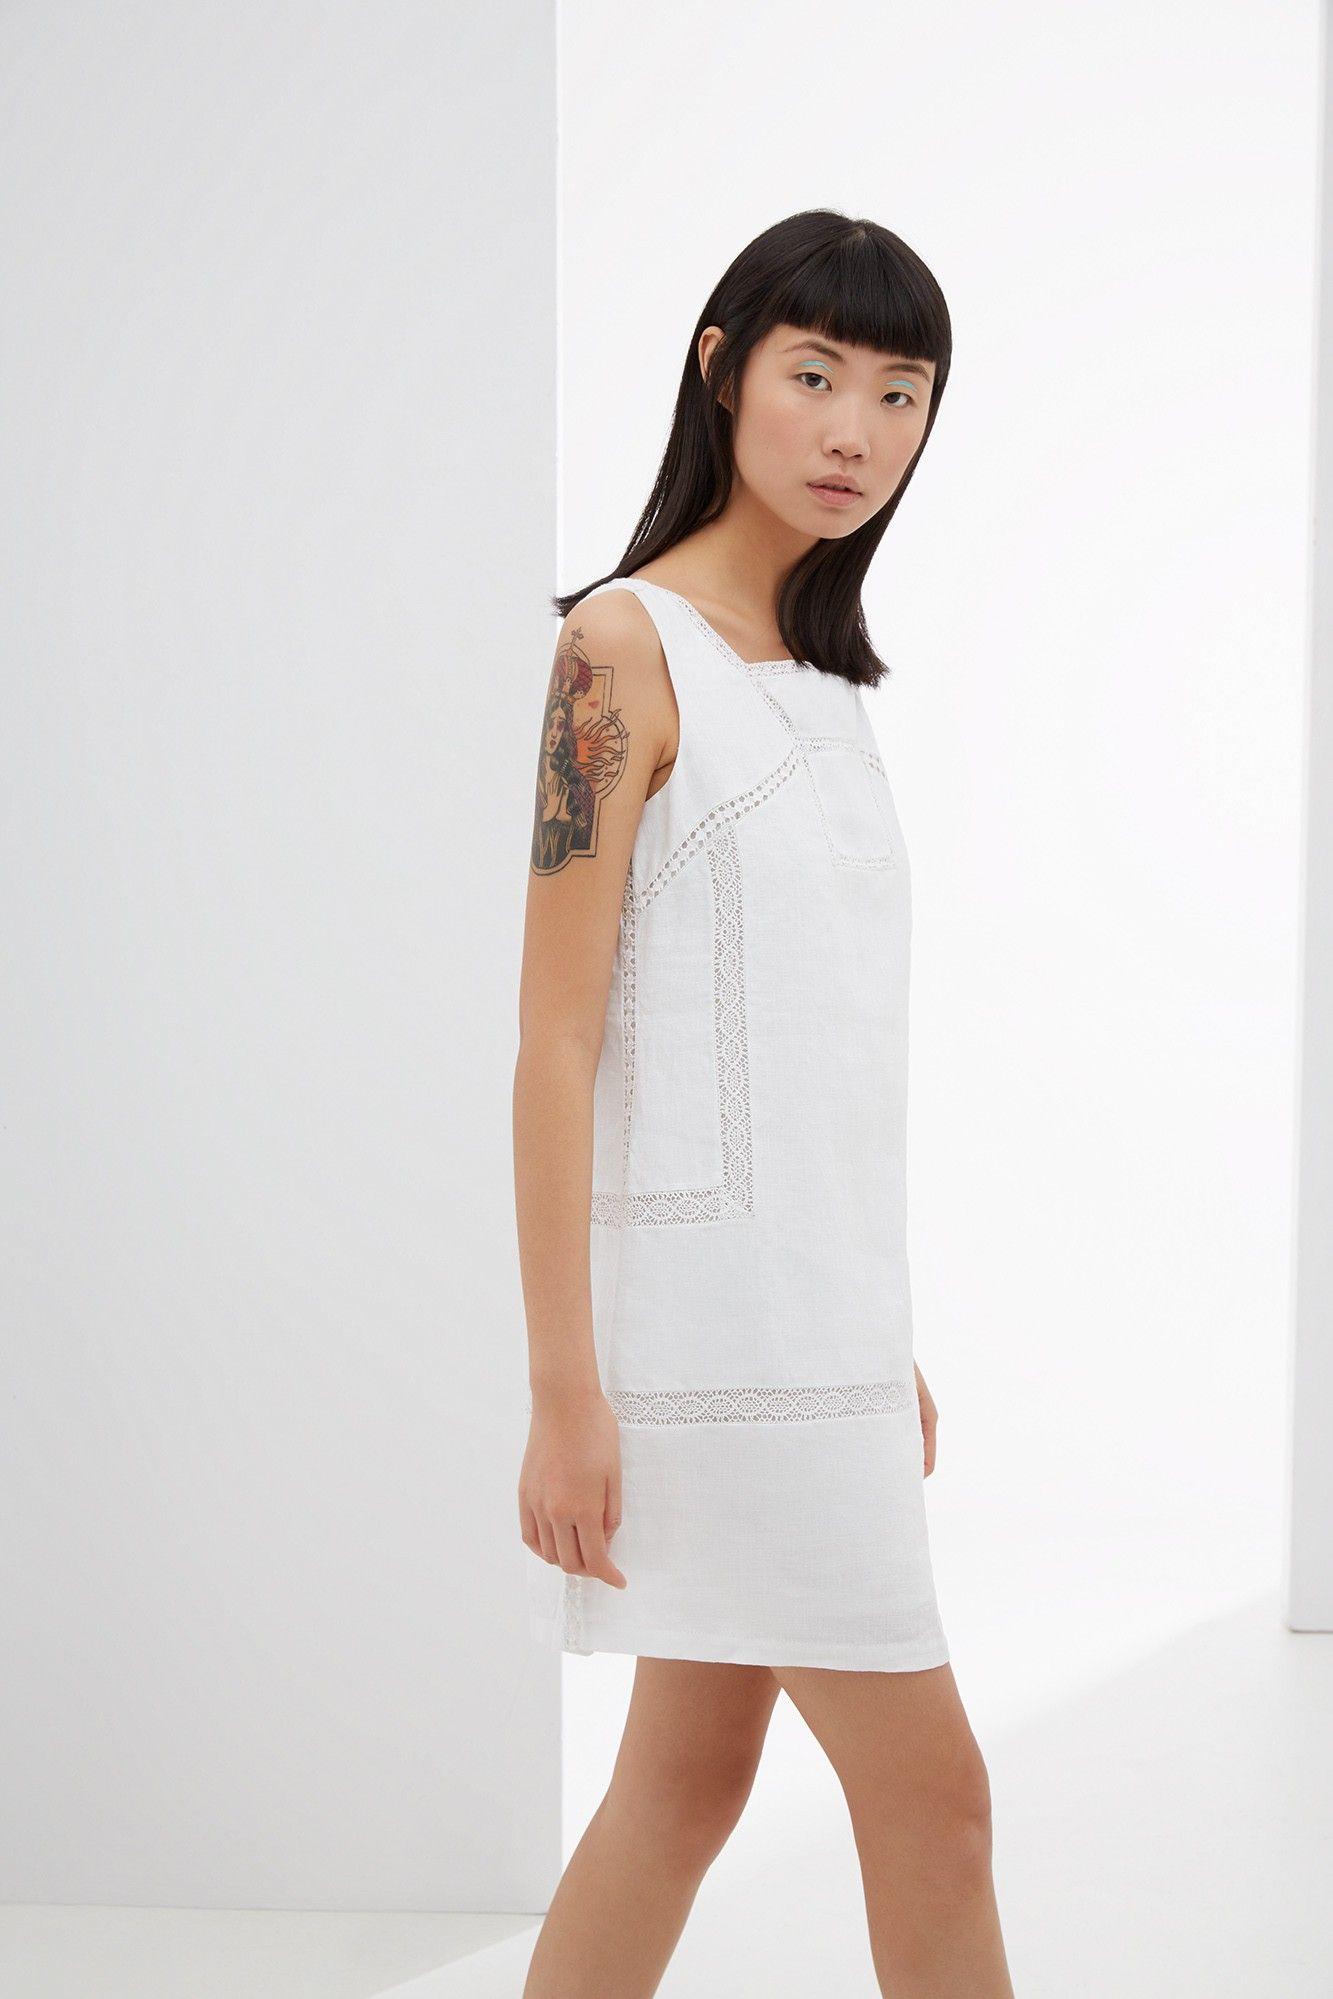 f8f1a938 Vestido blanco de lino - u woman | Adolfo Dominguez shop online ...